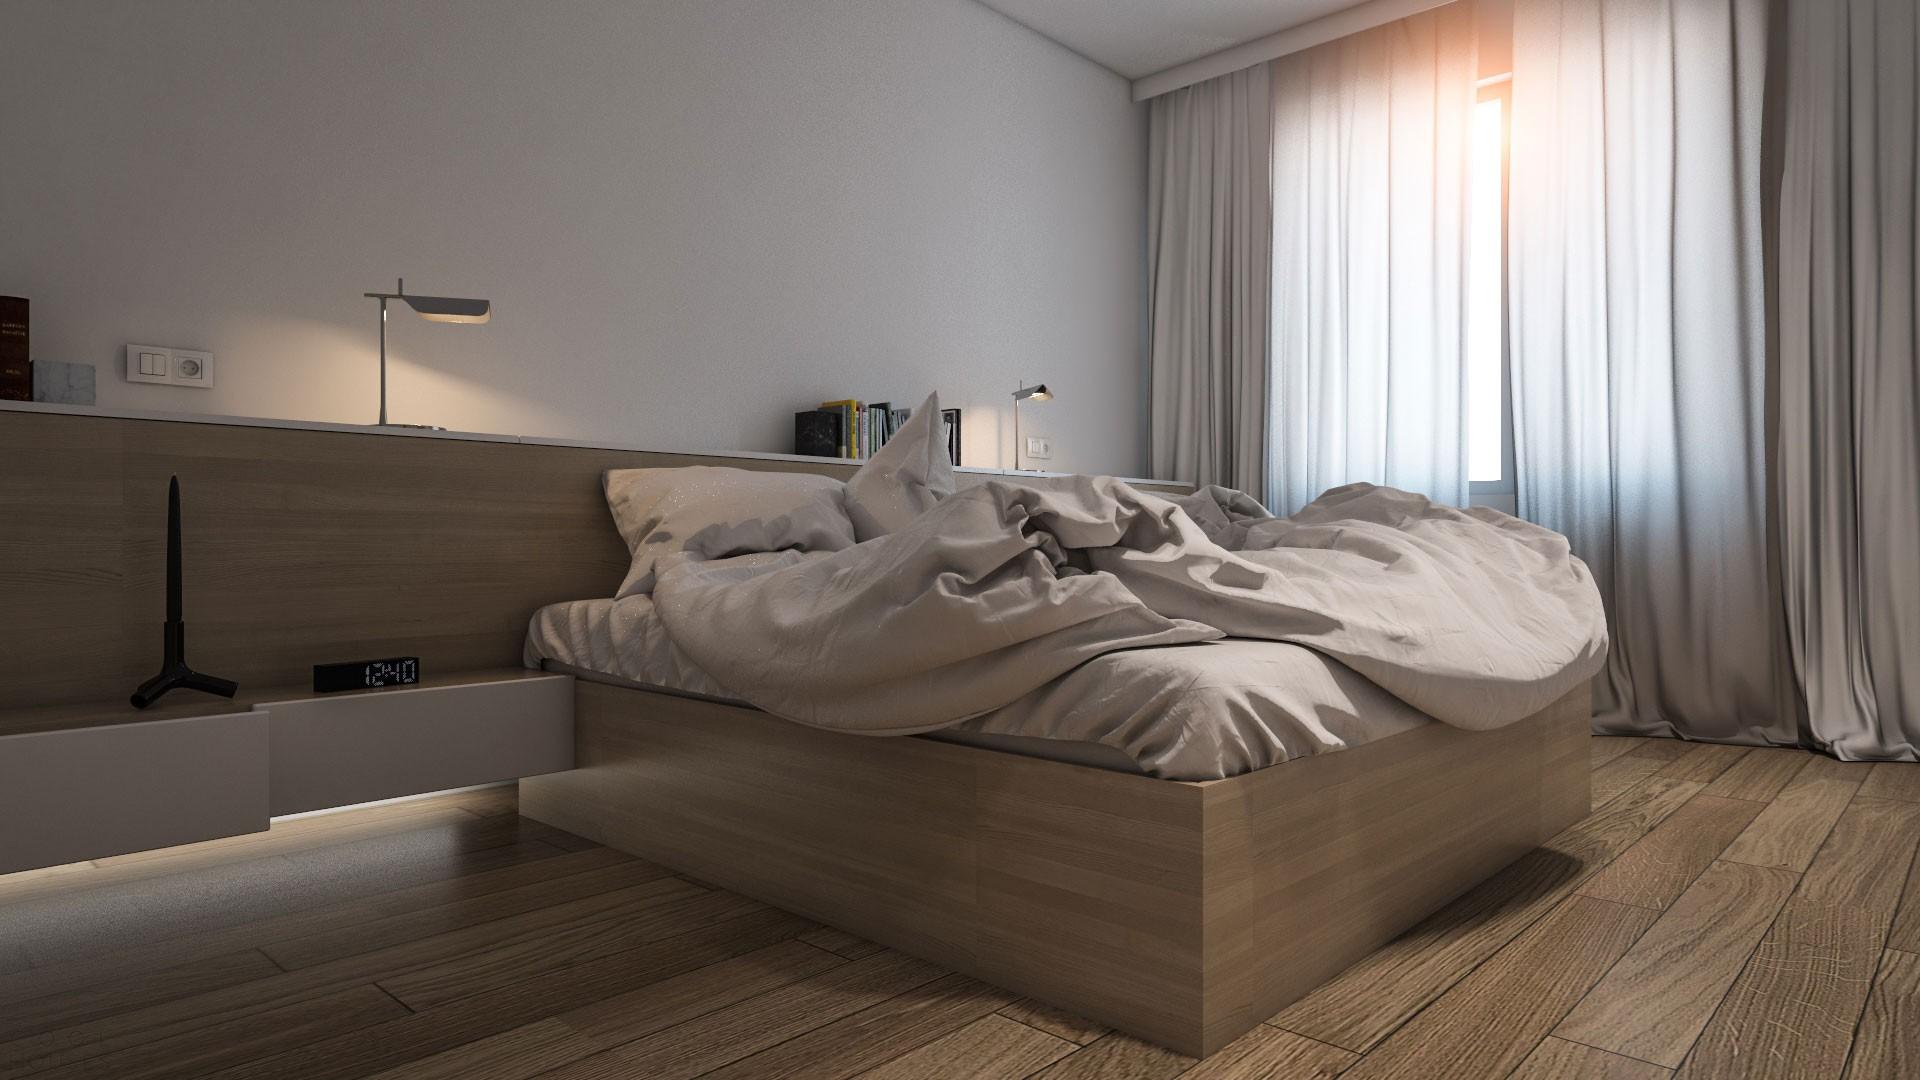 Светлая и уютная квартира в бледной палитре